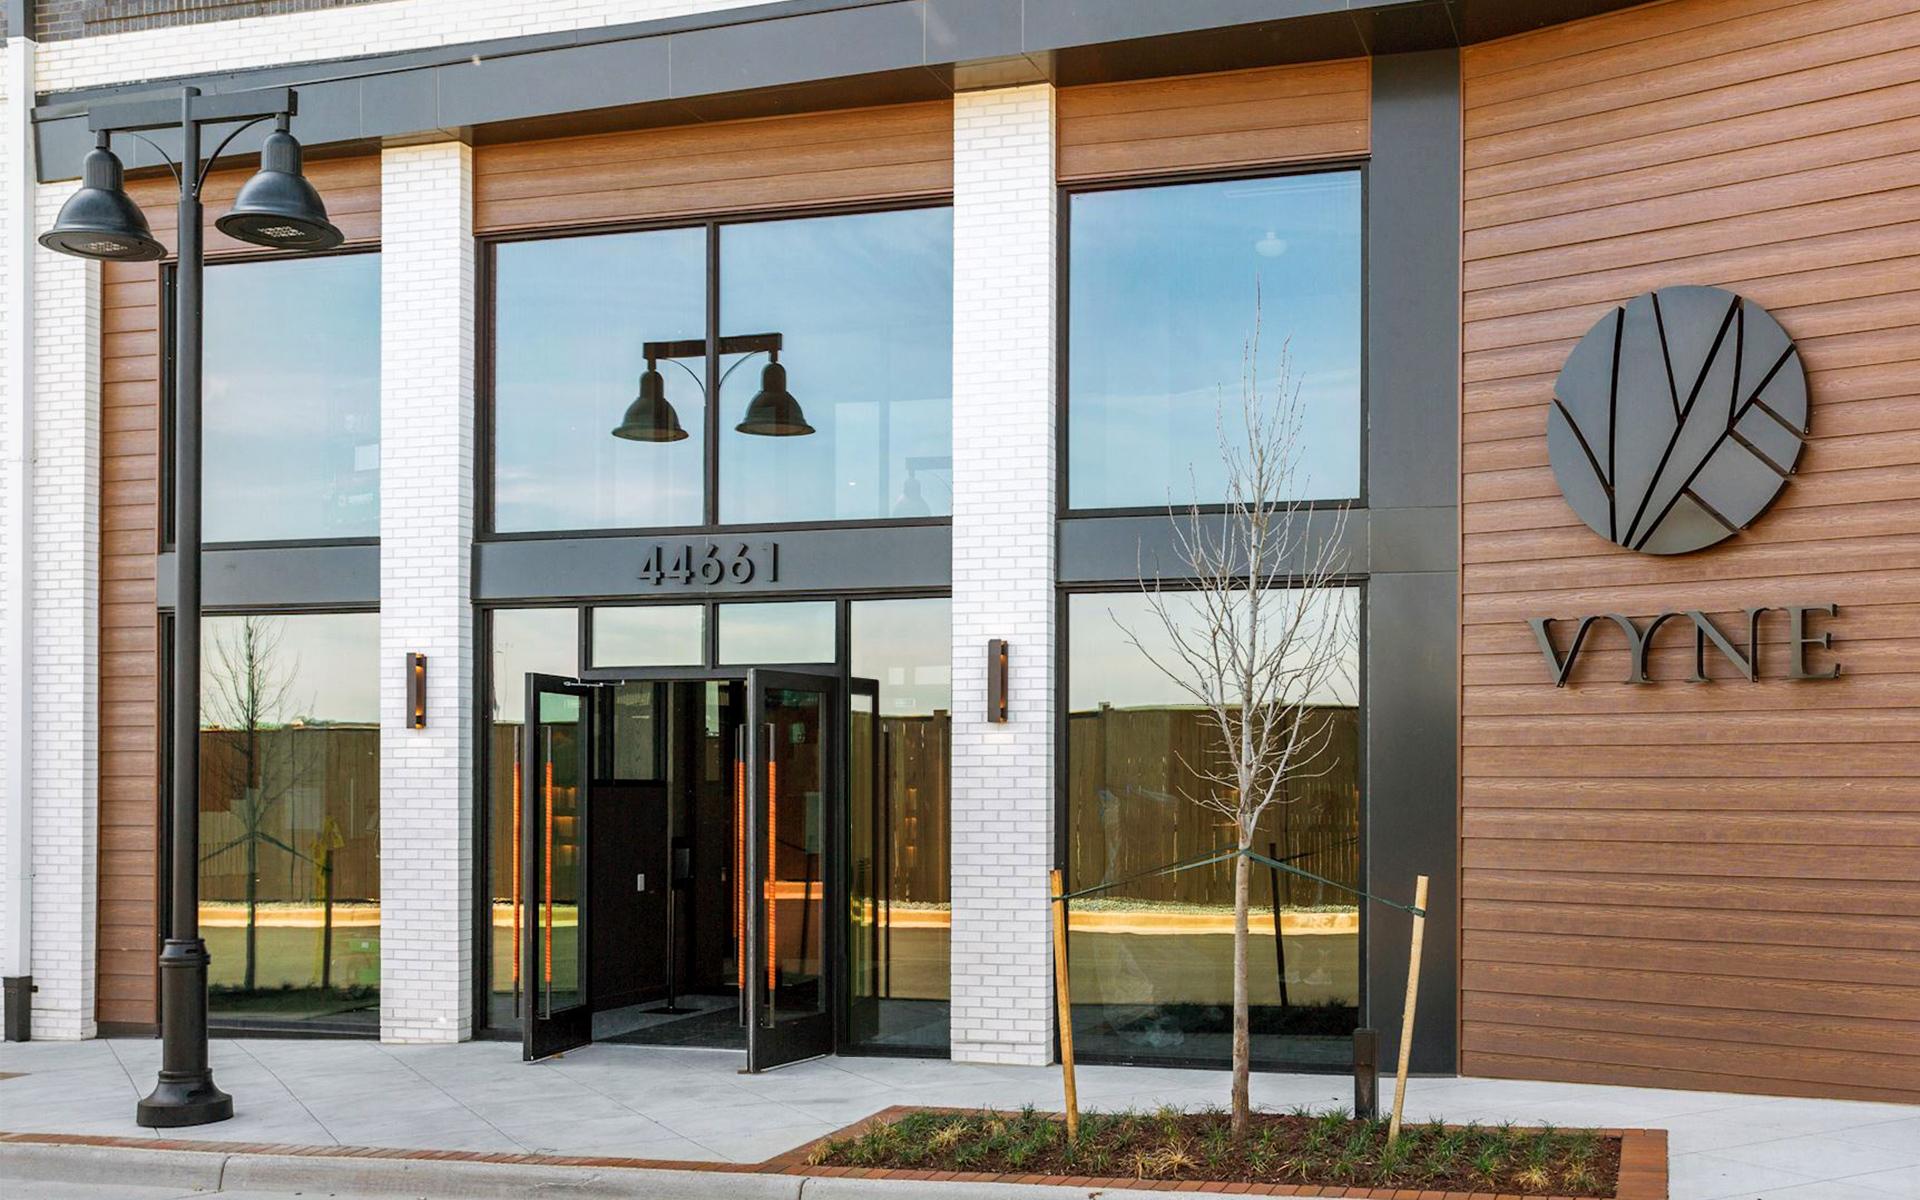 Vyne One Loudoun building entrance